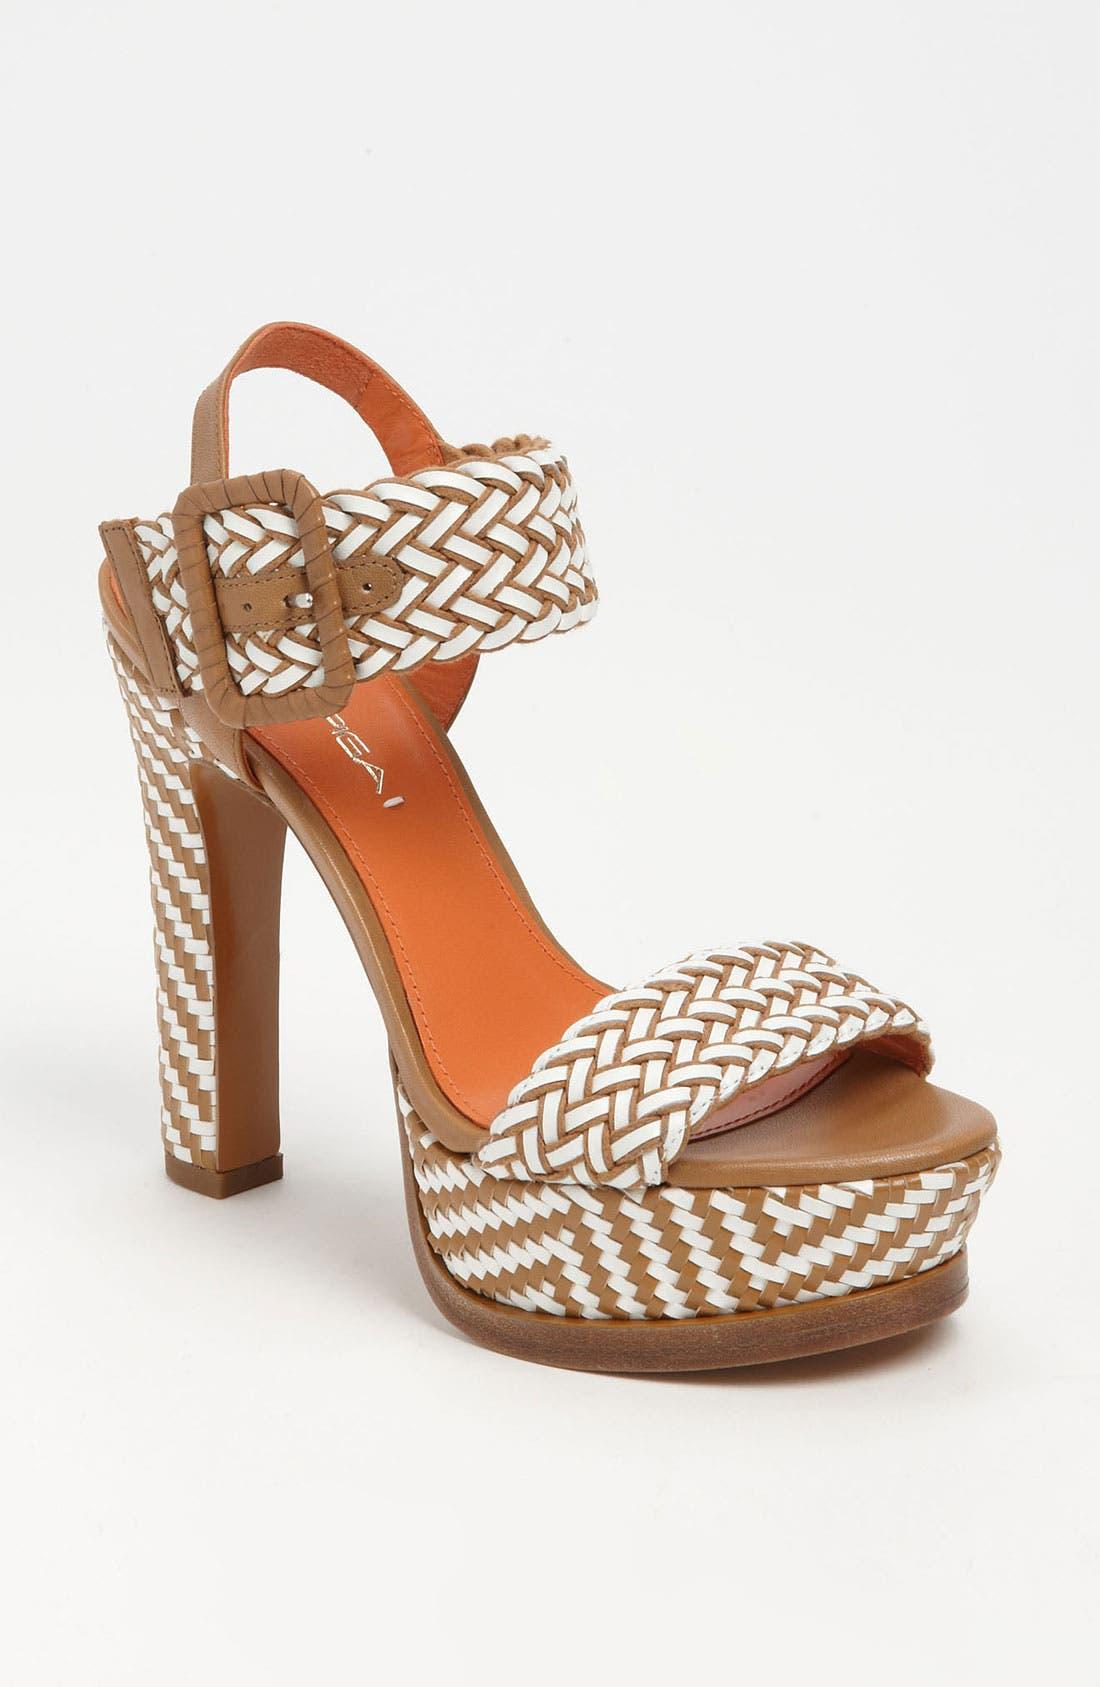 Main Image - Via Spiga 'Georgette' Sandal